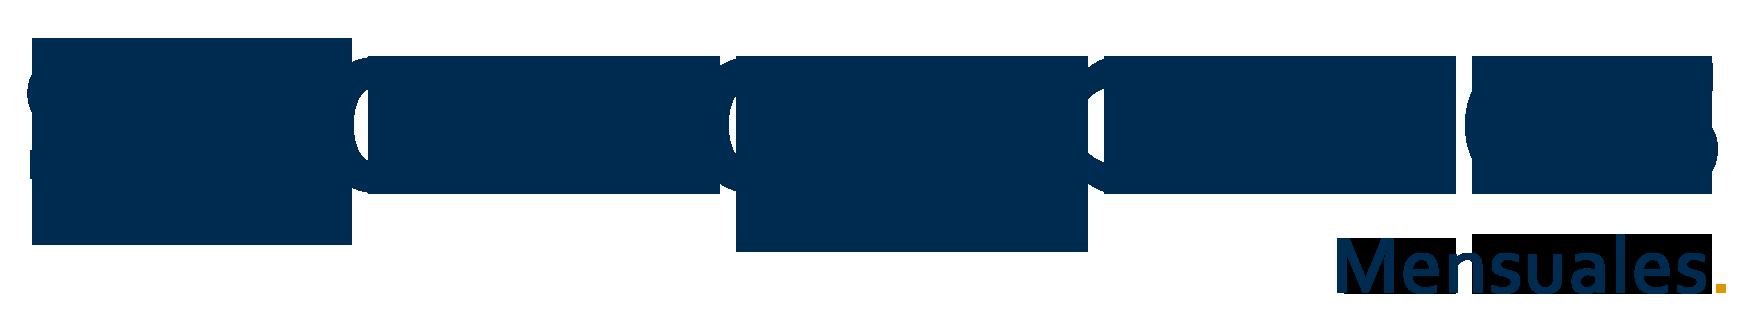 Planes de Administración Web desde 90.000 pesos mensuales